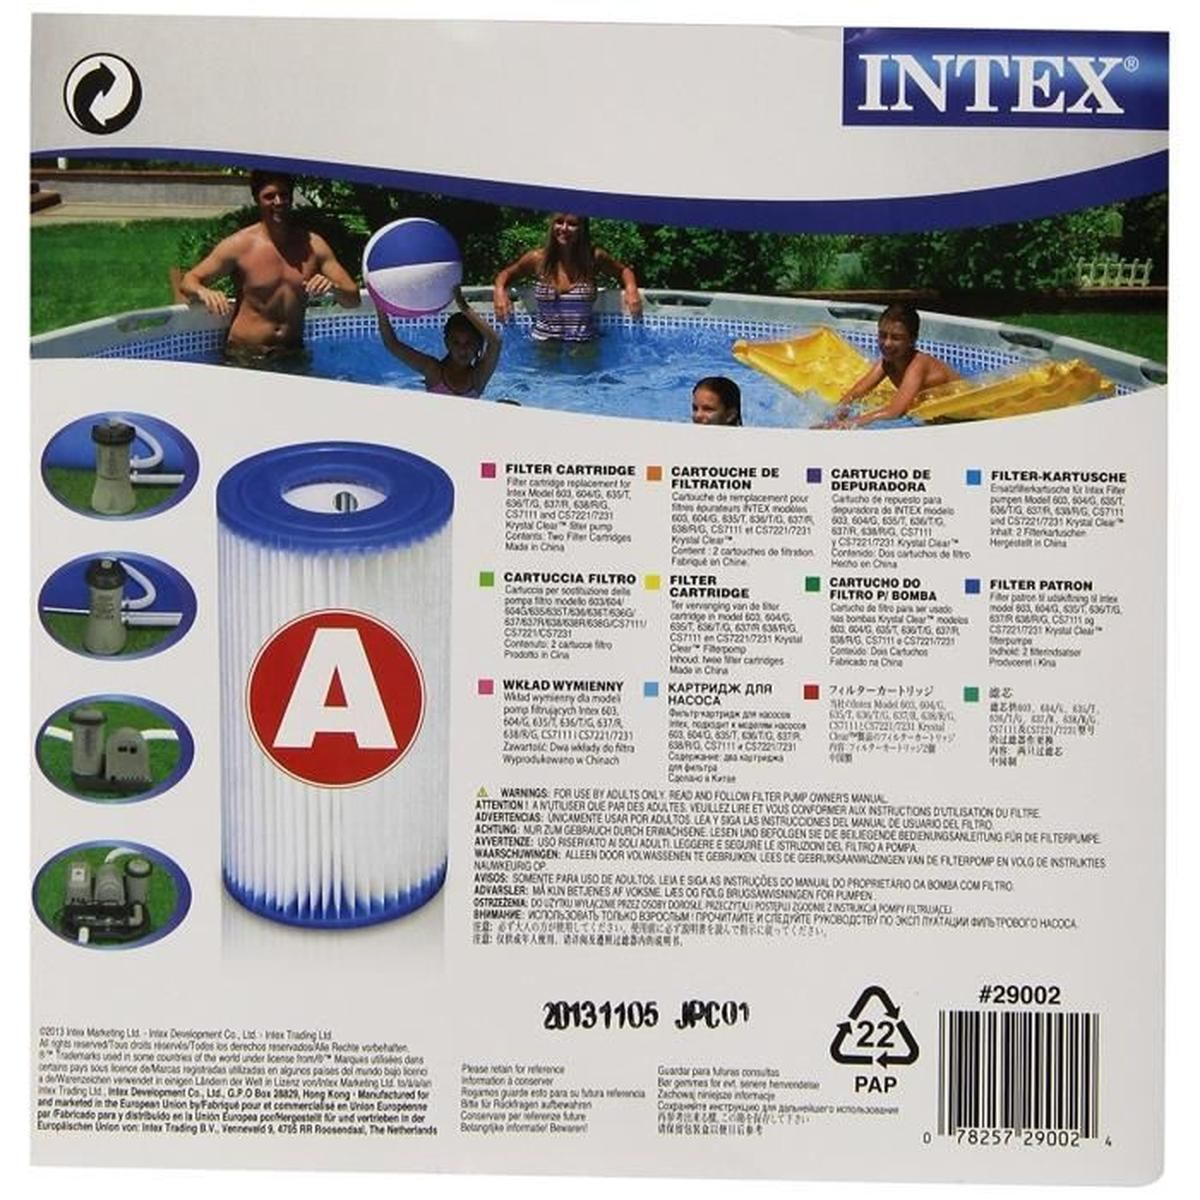 Intex 0775431 Cartouche De Filtre Pour Piscine Bleu 10,8 X ... encequiconcerne Piscine Tubulaire Cdiscount